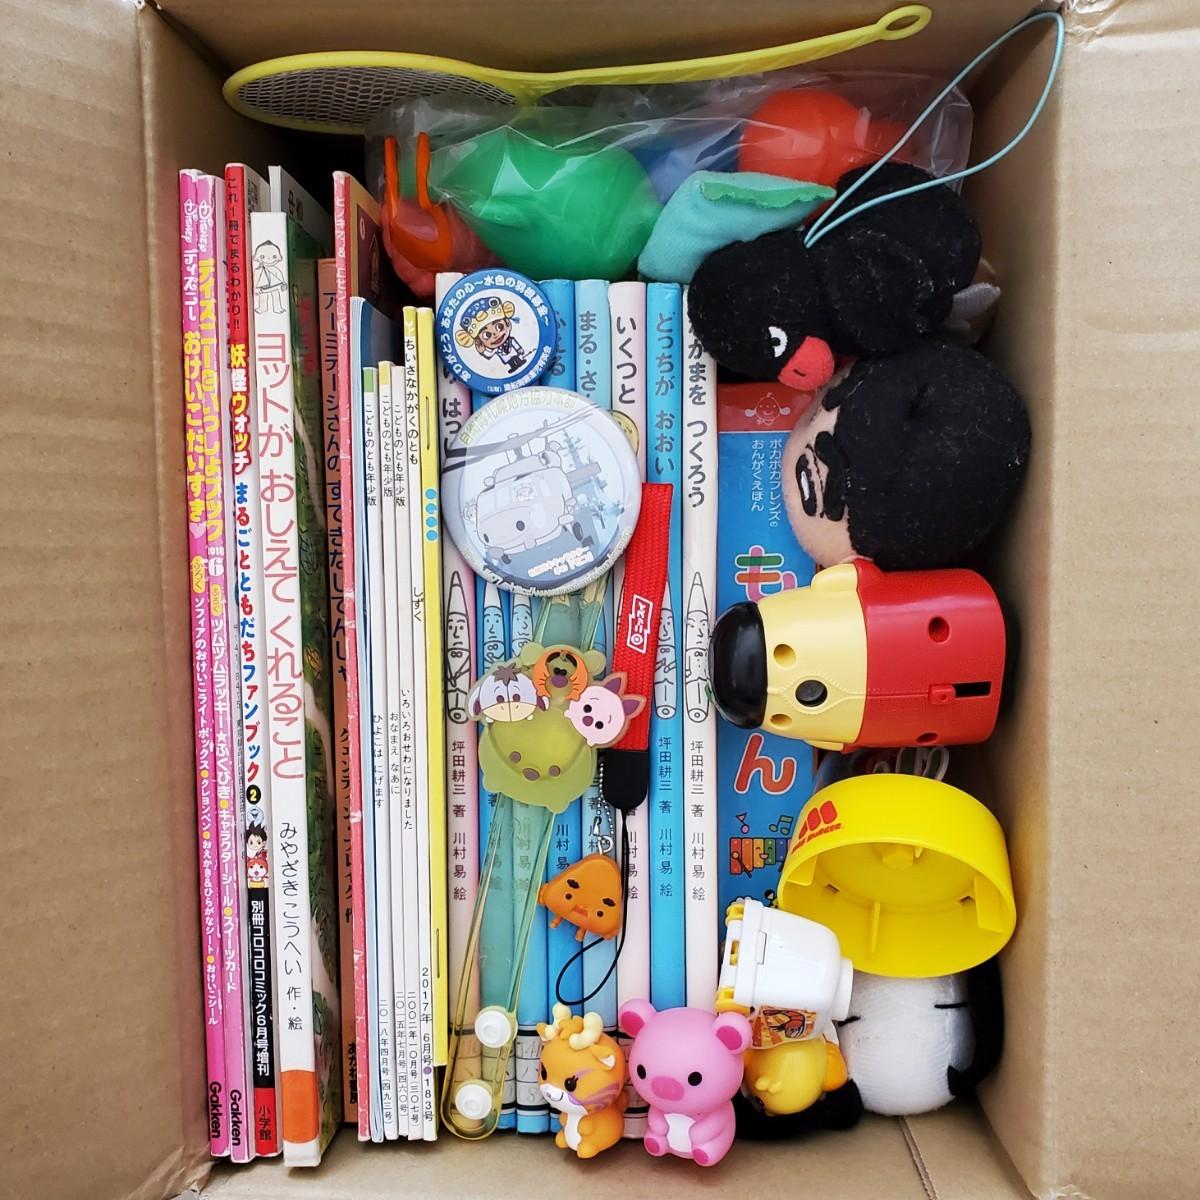 絵本 おもちゃ まとめ売り セット ミキハウス もっきん ぬりえ 色鉛筆